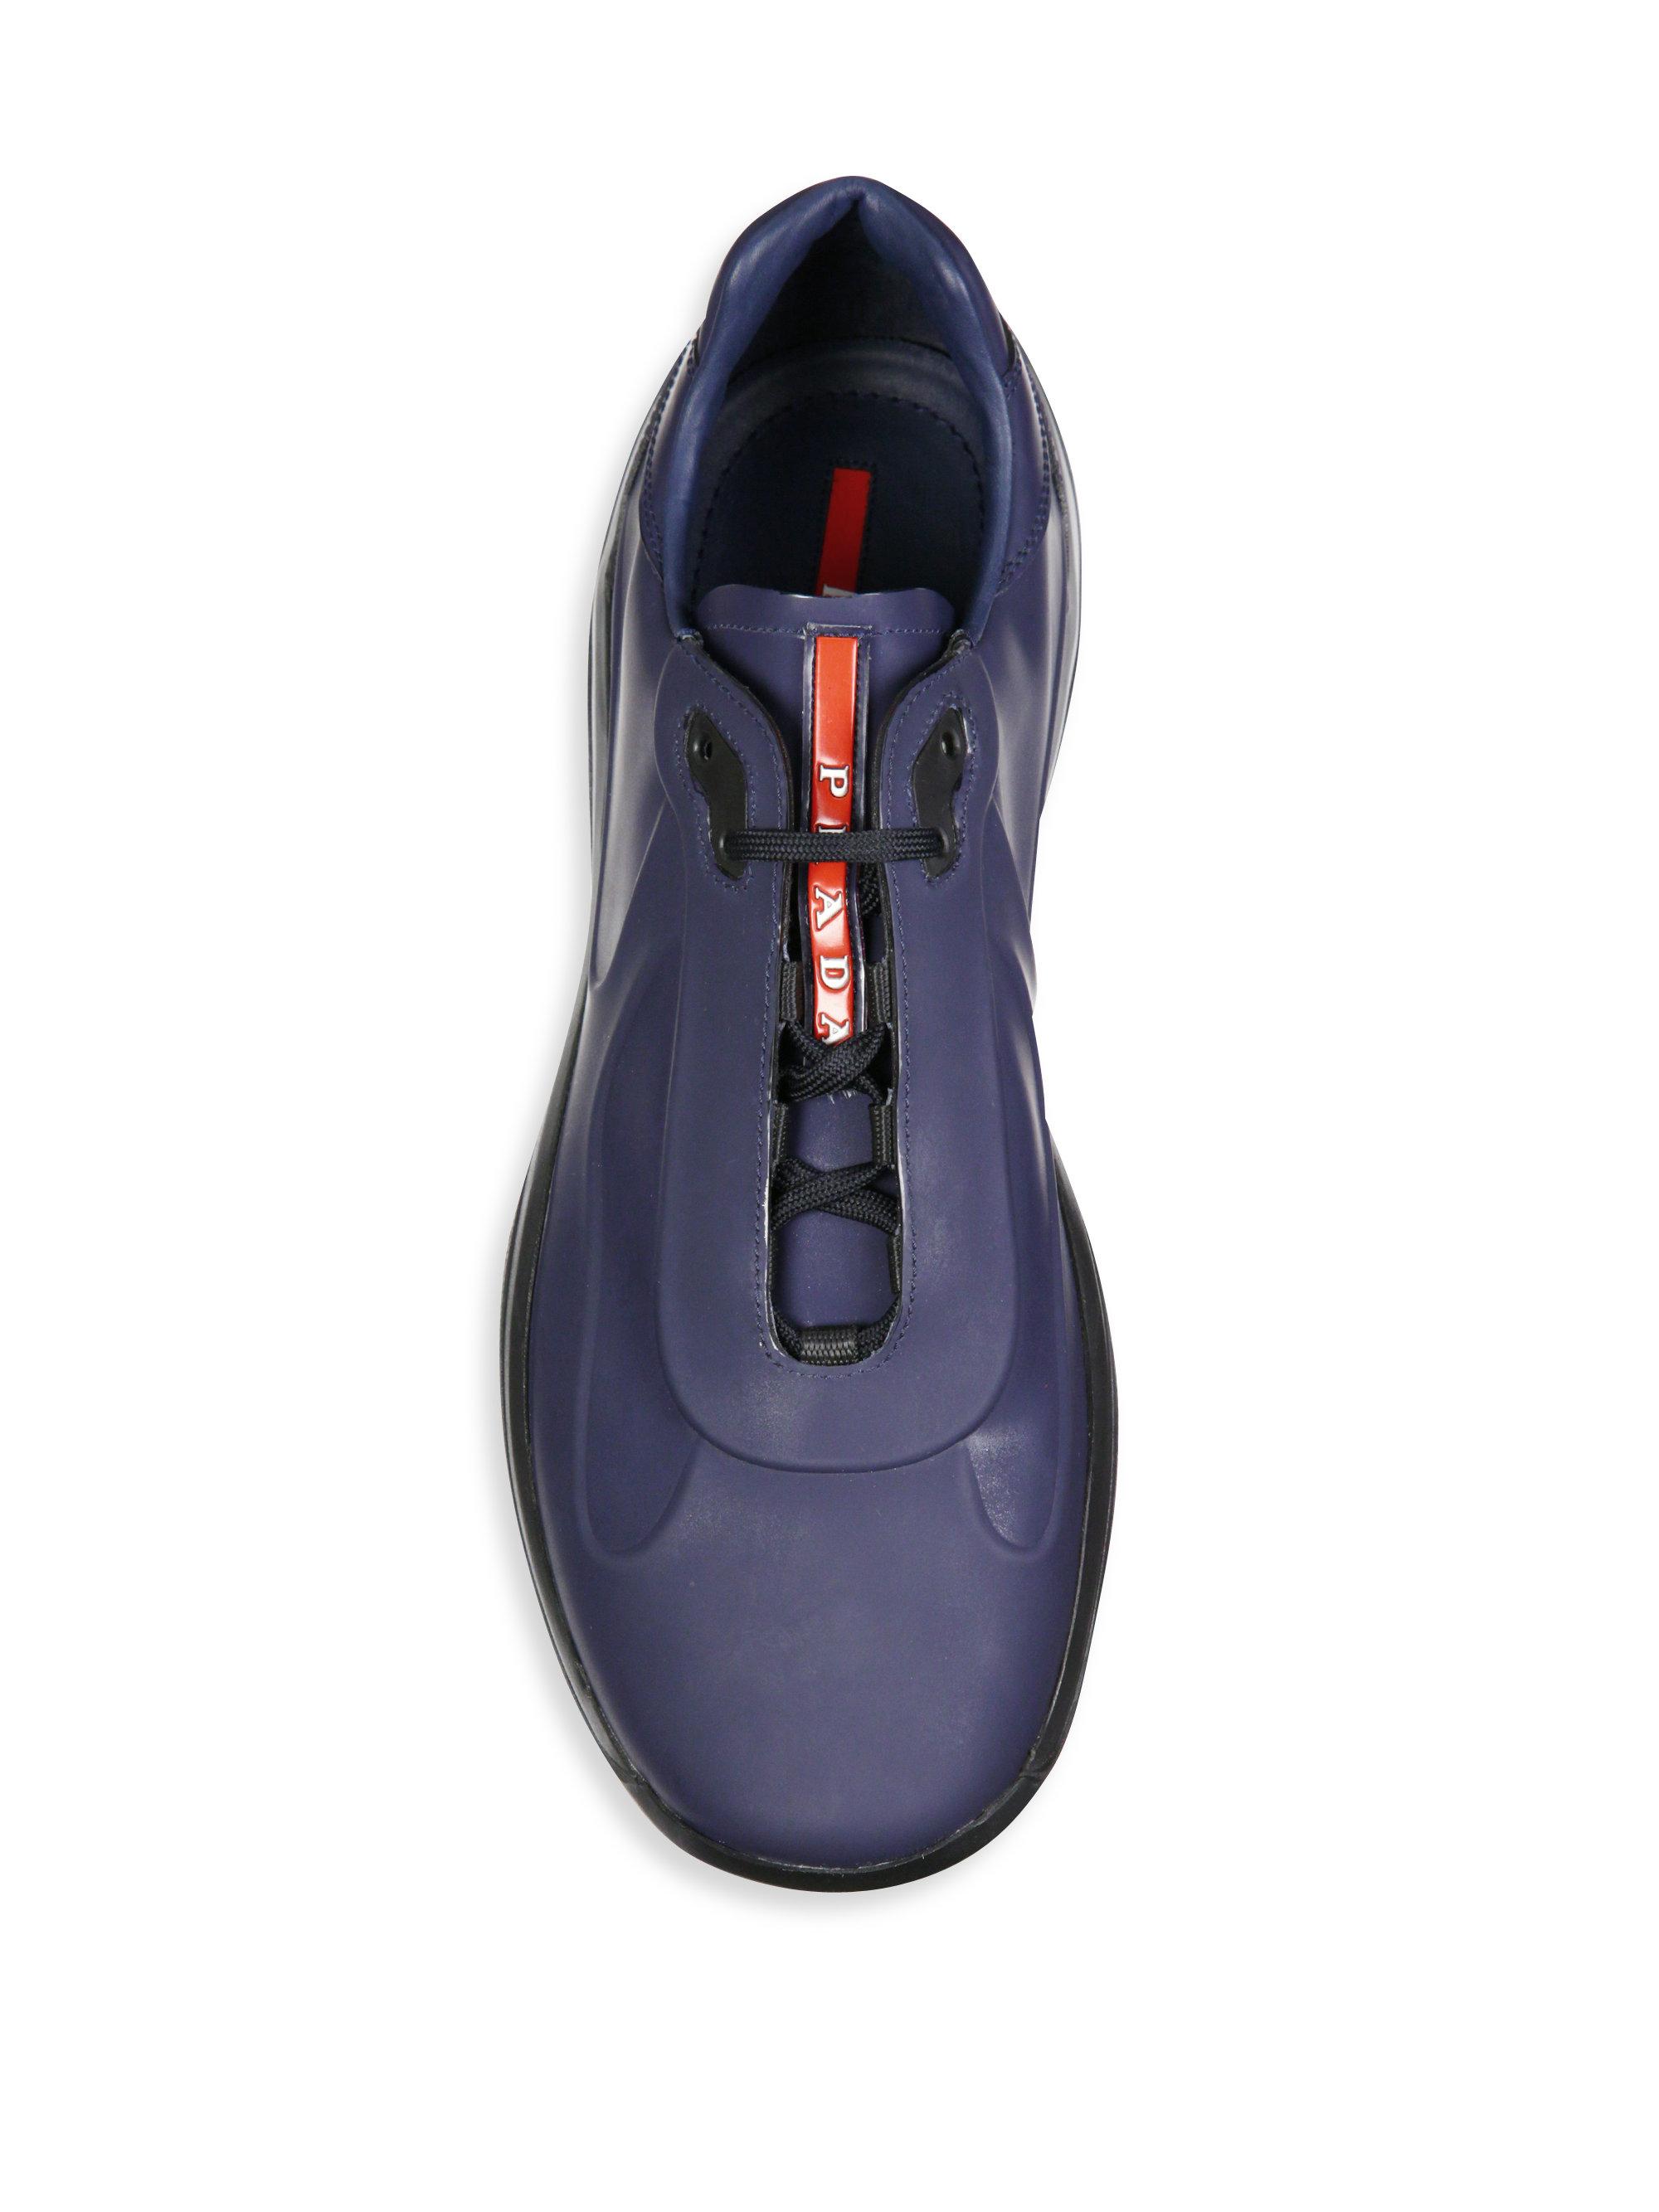 blue prada trainers \u003e Up to 73% OFF